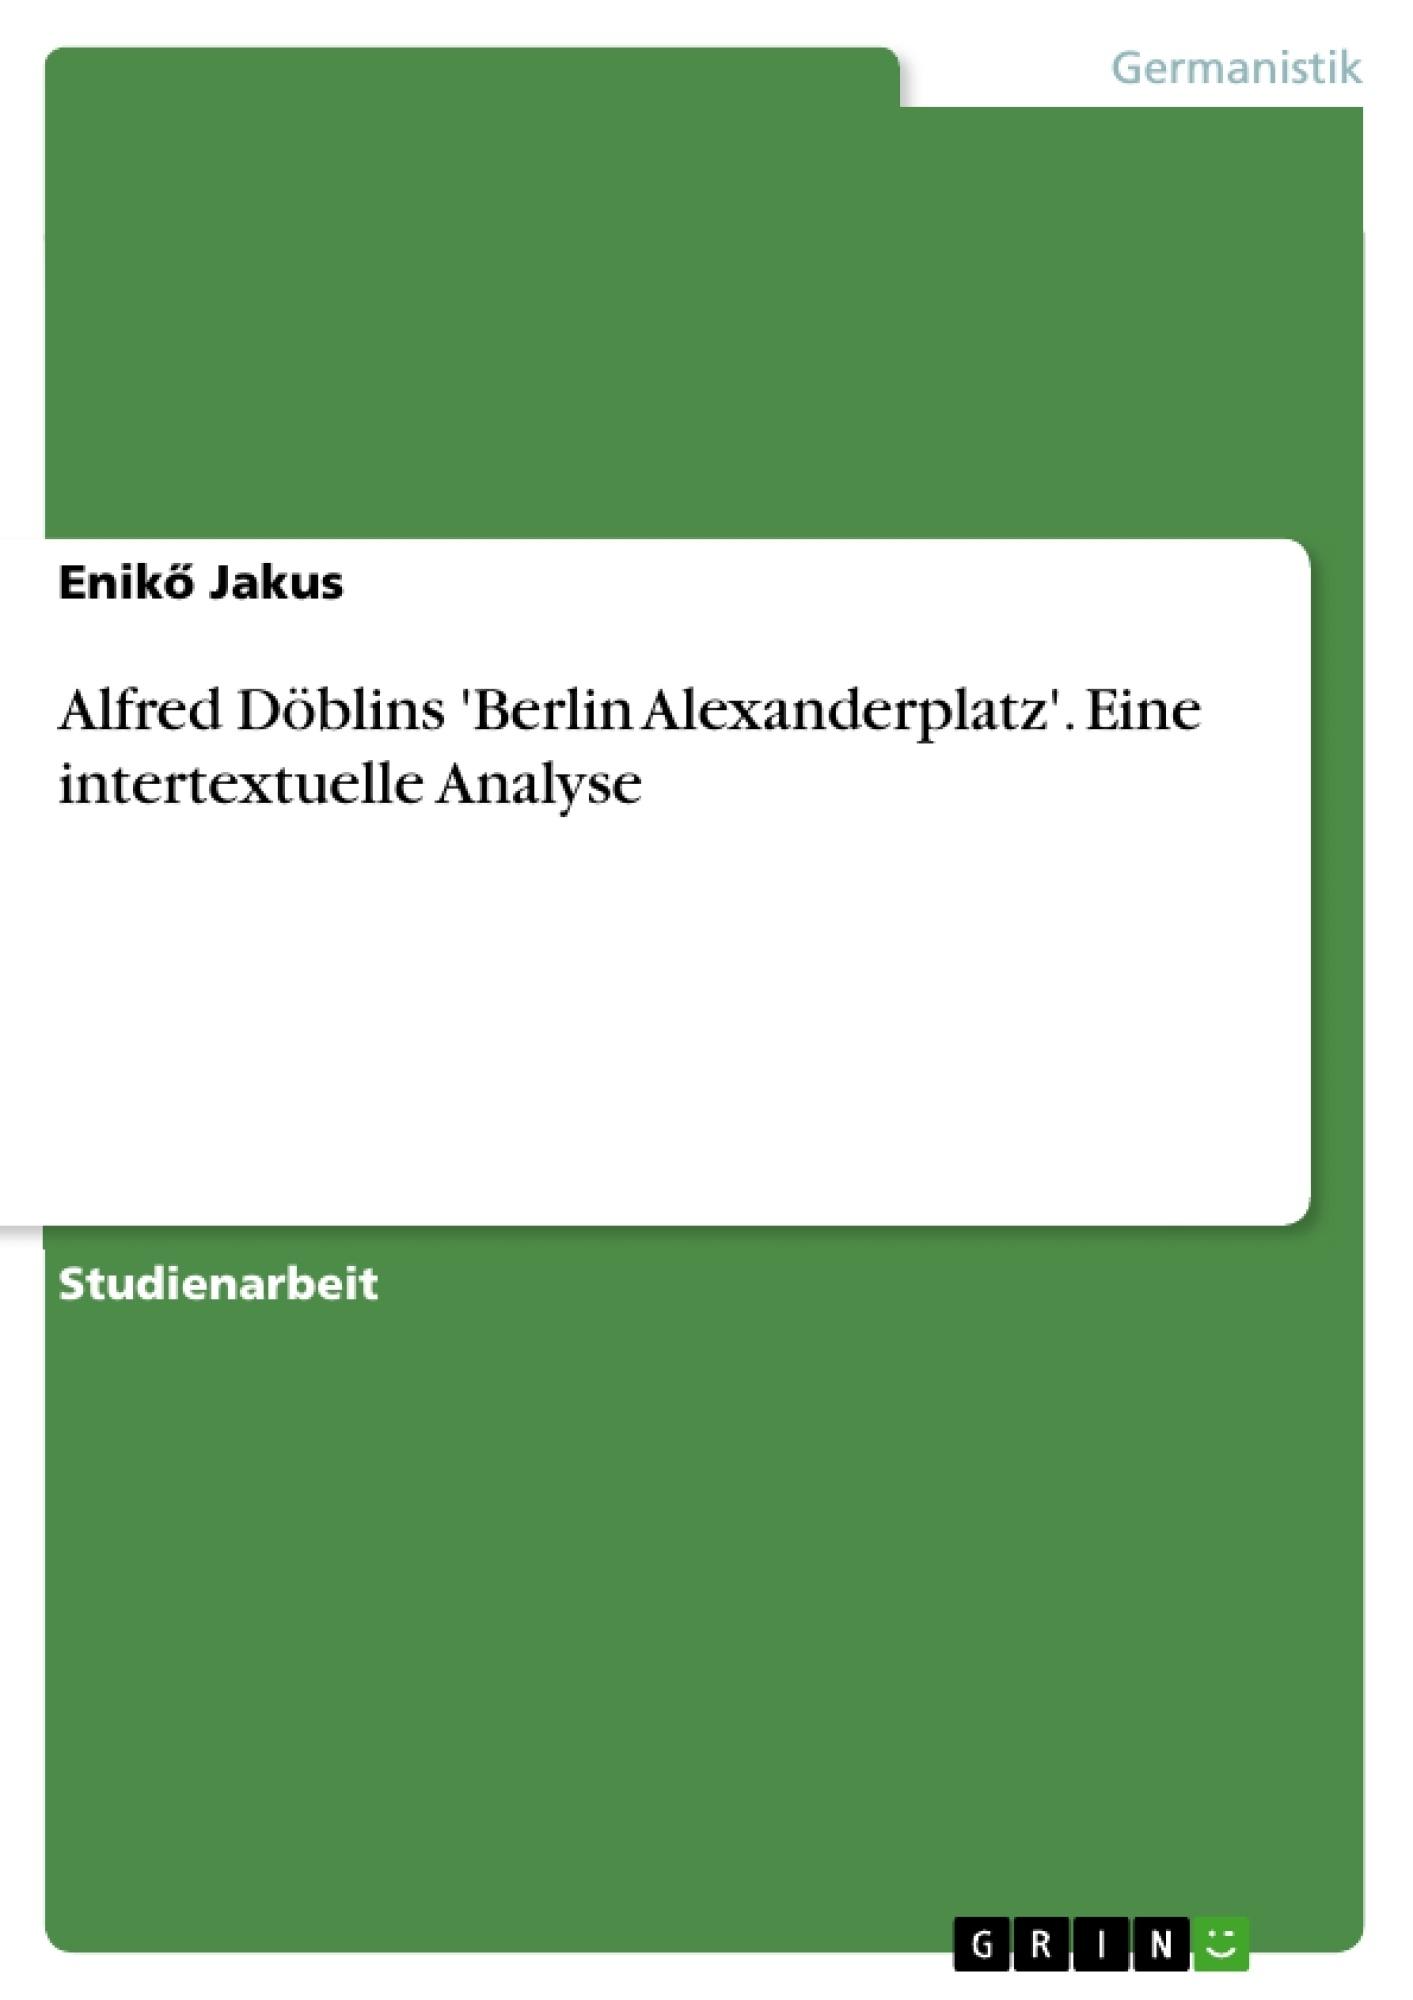 Titel: Alfred Döblins 'Berlin Alexanderplatz'. Eine intertextuelle Analyse